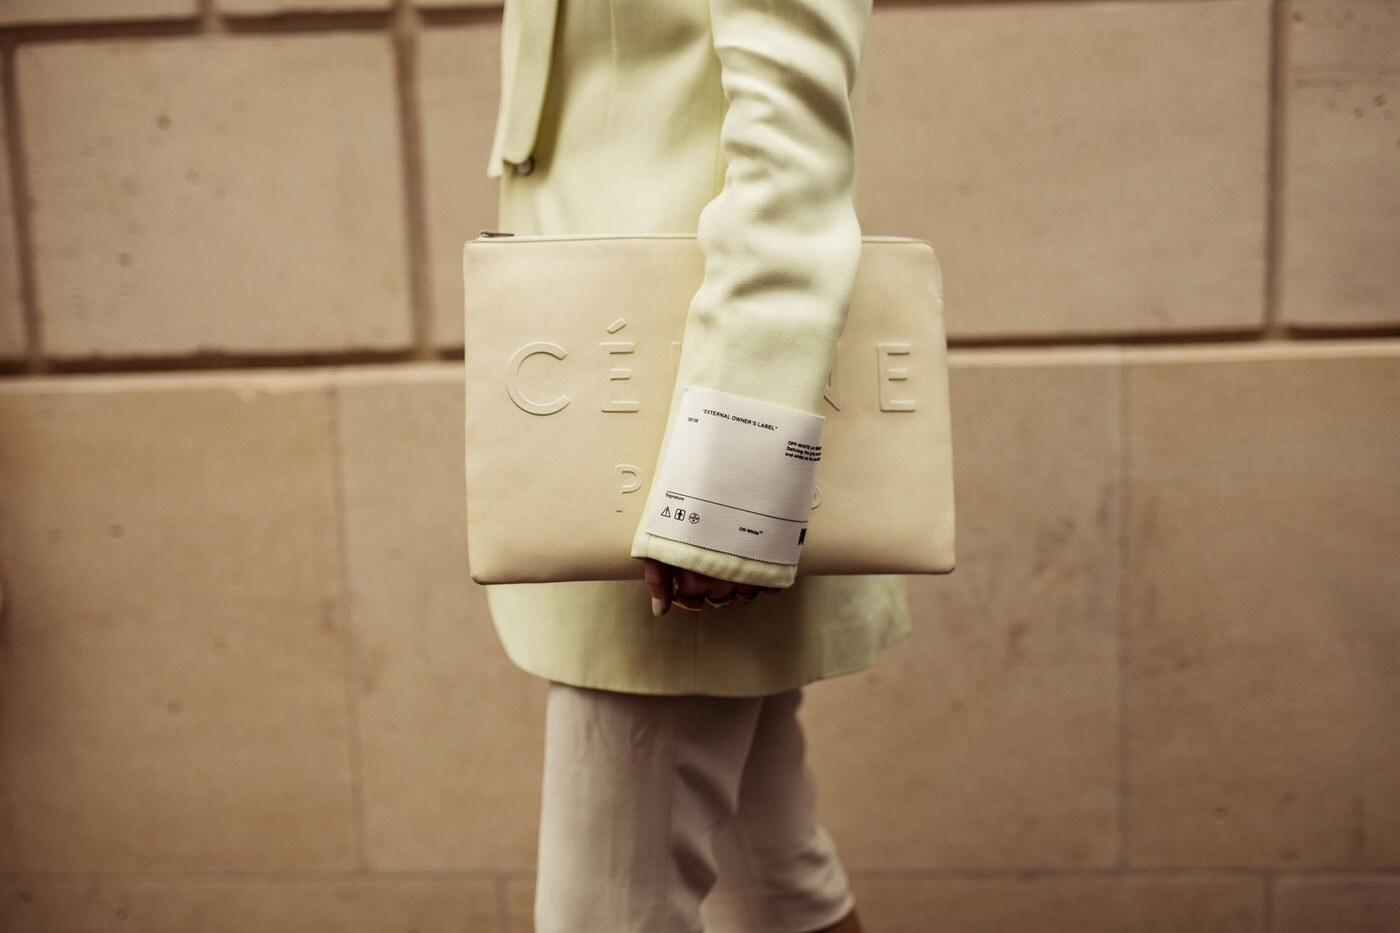 Cu00e9line shopping bag